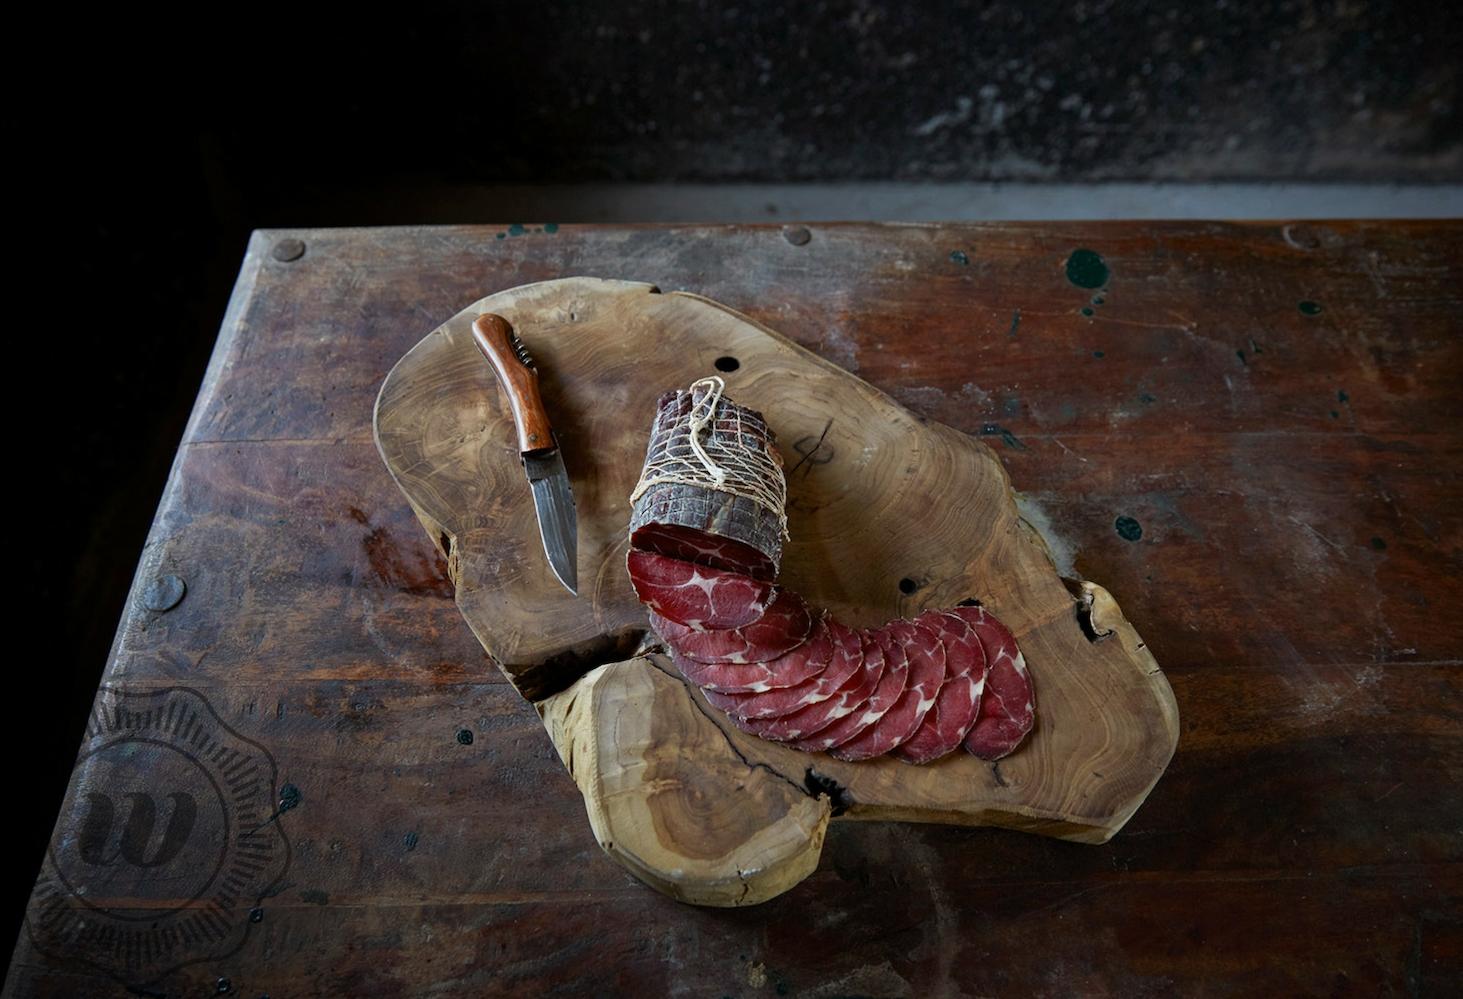 COPPA - Coppa wordt traditioneel gemaakt van de nek. Net als bij de gedroogde ham, wordt de coppa gepekeld, waarna het een droog en rijpingsproces ingaat. In een speciale rijpingscel wordt de temperatuur en luchtvochtigheid gecontroleerd voor het beste resultaat.